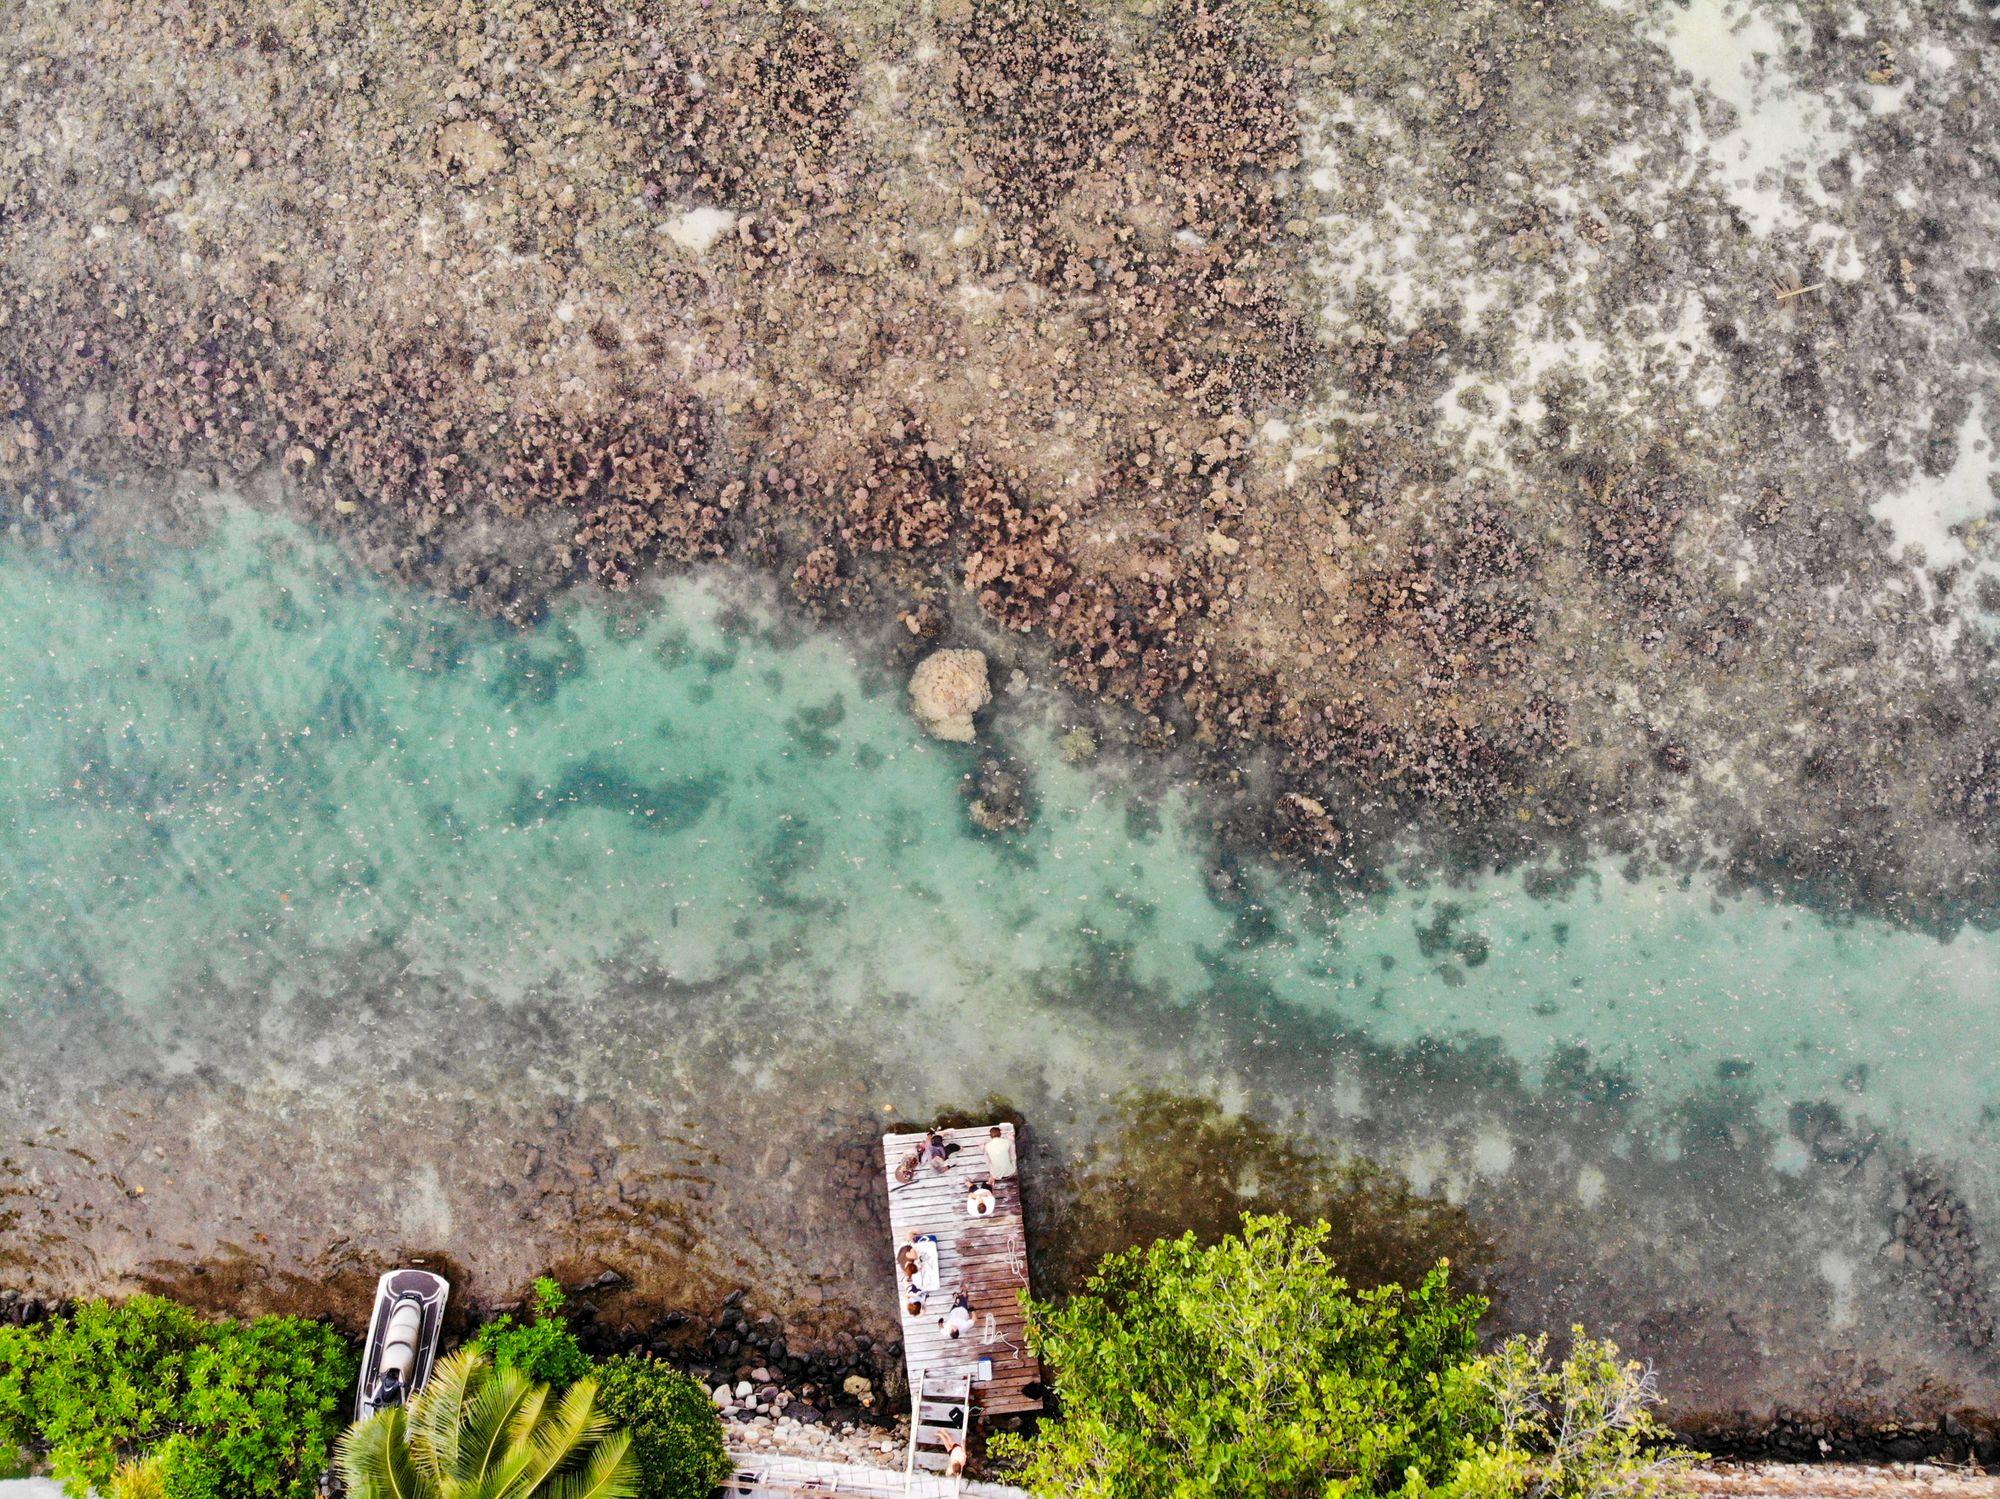 peir moorea french polynesia